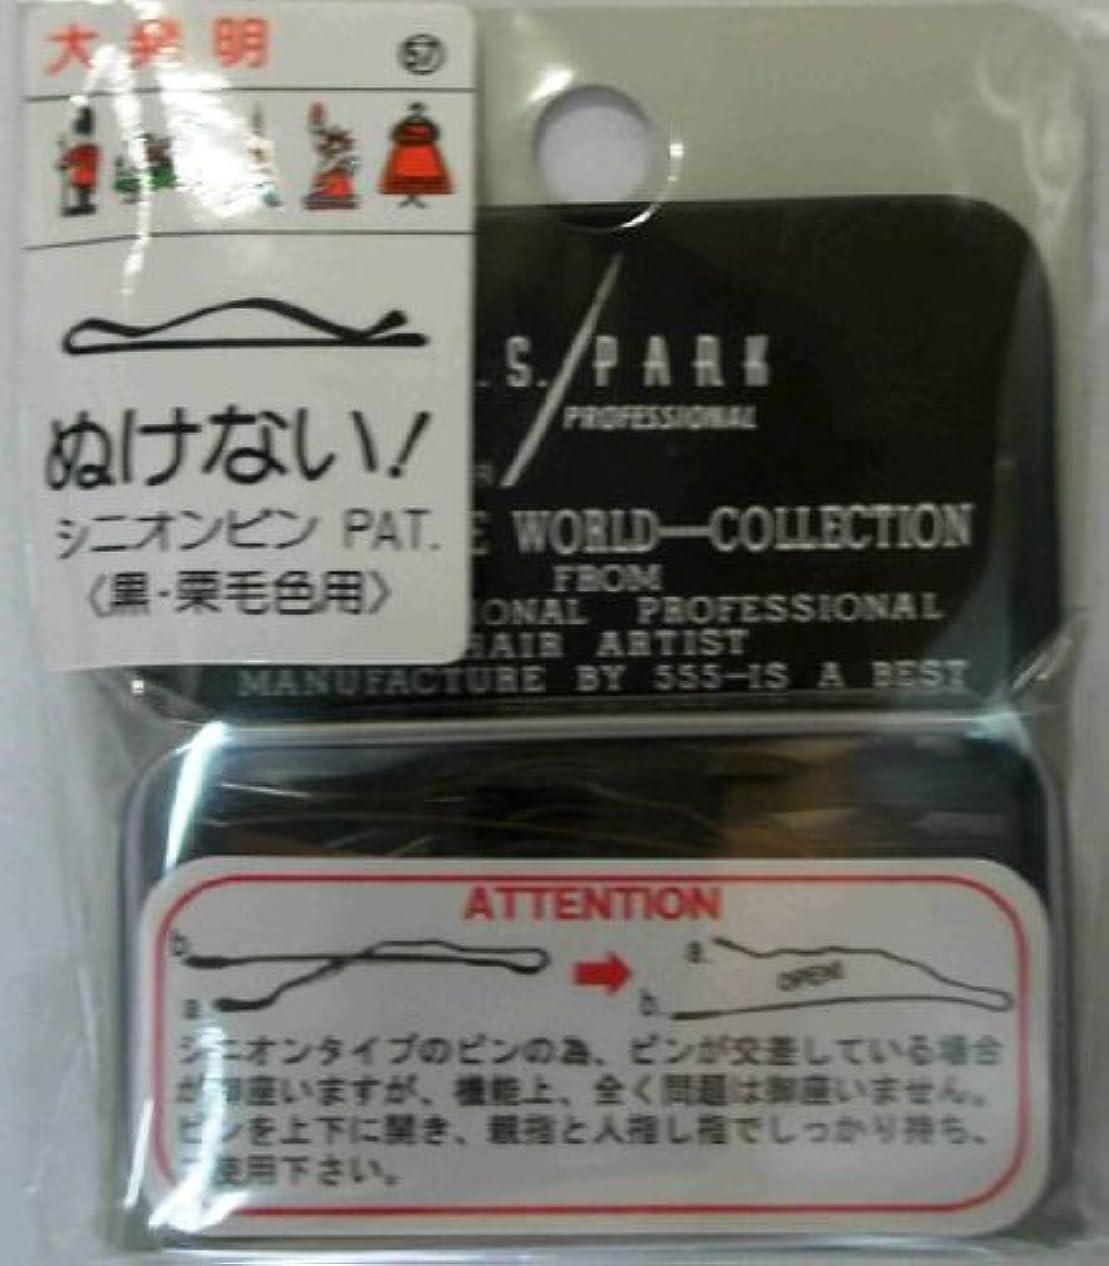 Y.S.PARK世界のヘアピンコレクションNo.57(黒?栗毛色用)24P